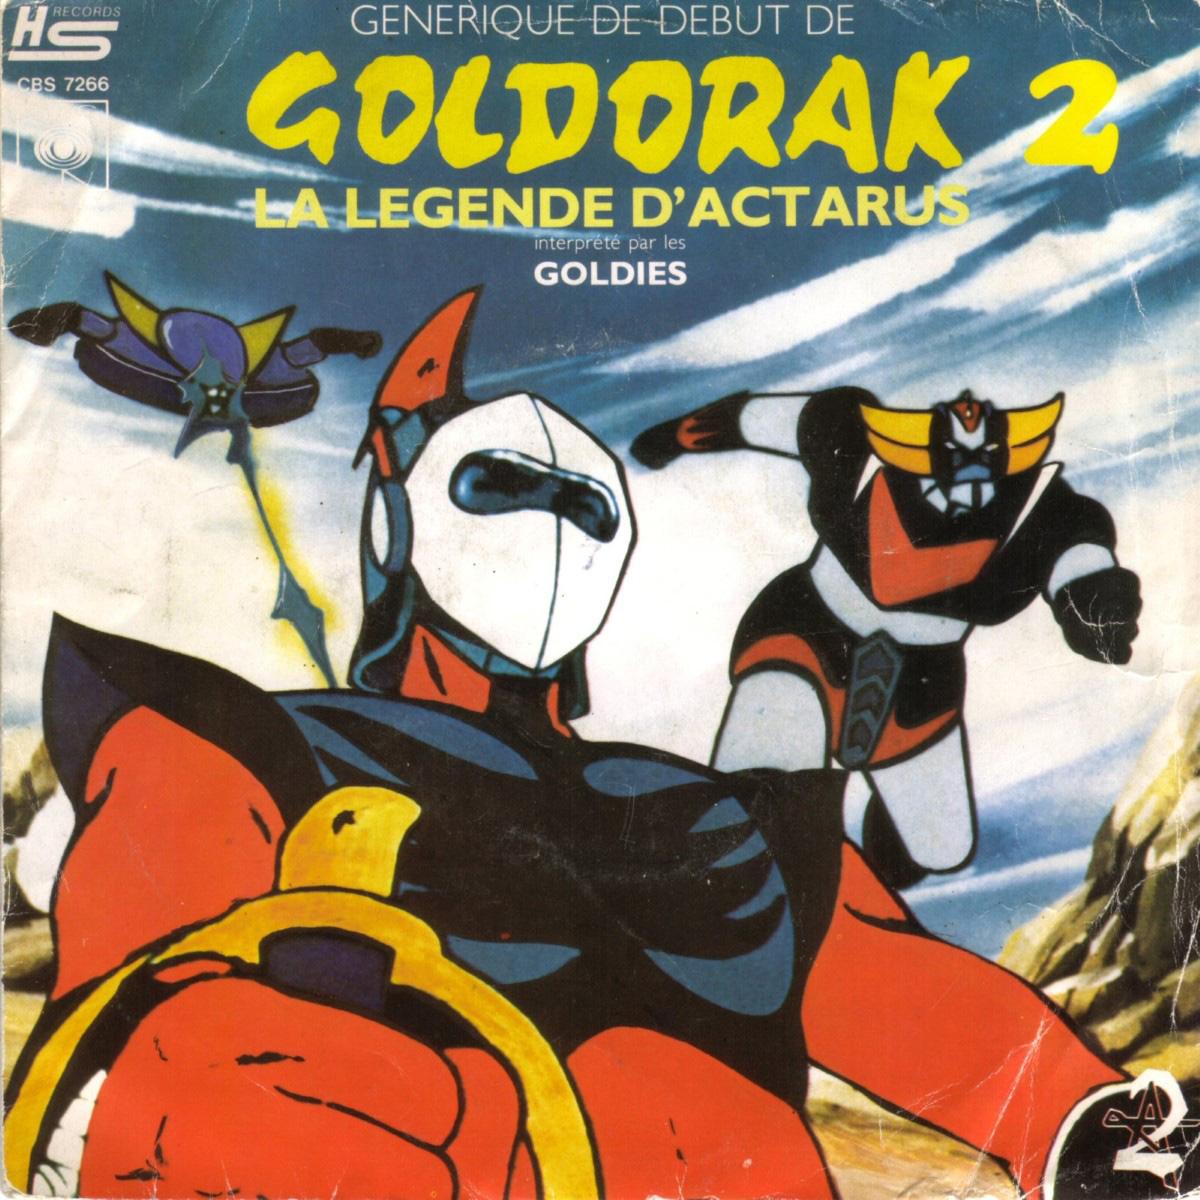 Disque 45trs - Goldorak 2 - La légende d'Actarus - Face A